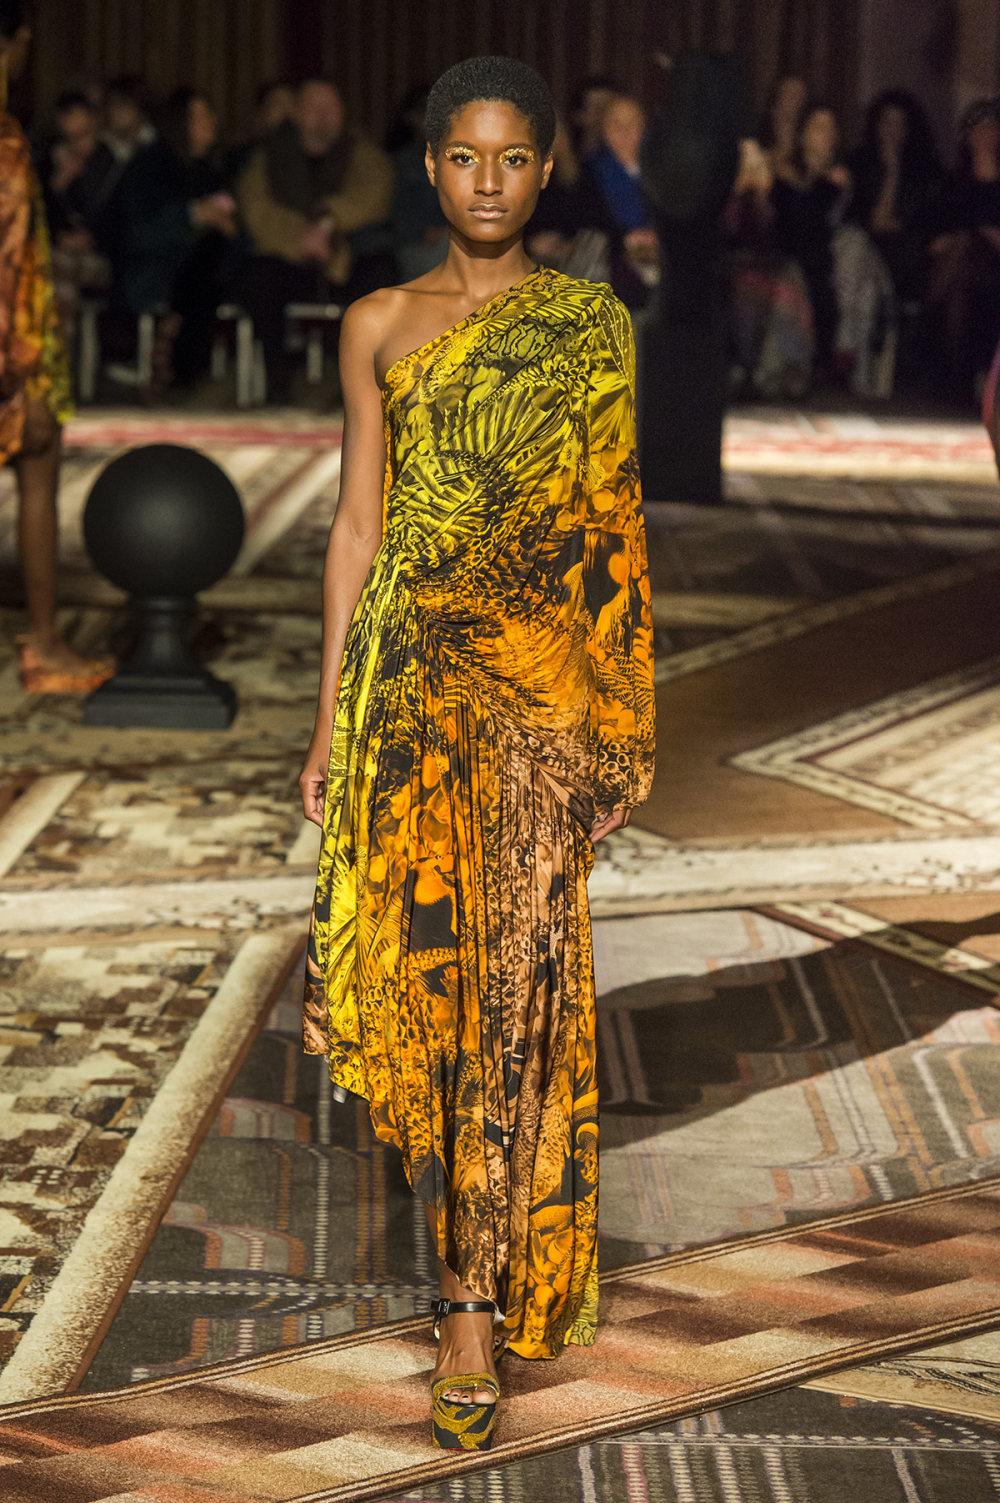 Halpern时装系列将幻想印花应用于宽大的缎面外套展示垂褶技巧-30.jpg